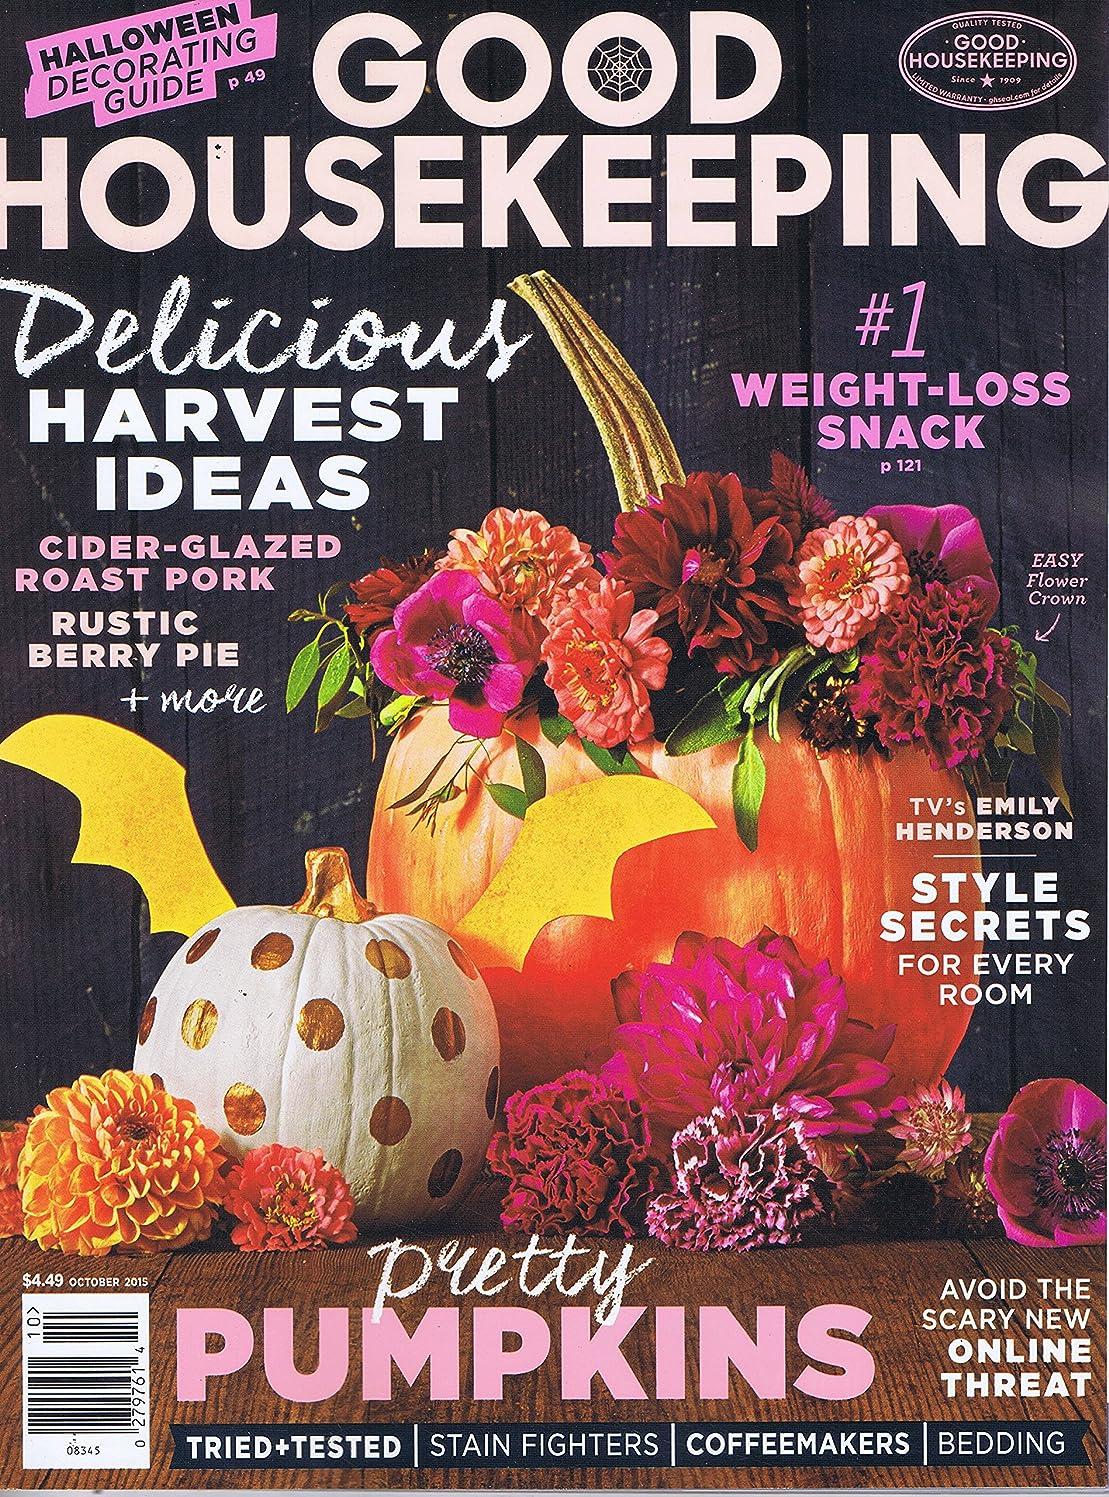 完全に屈辱する目覚めるGood Housekeeping [US] October 2015 (単号)